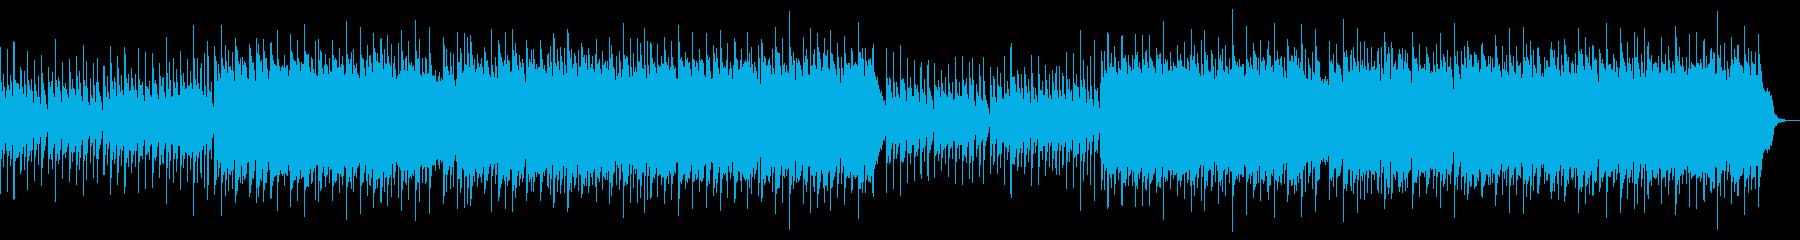 オルゴールの癒しヒーリングミュージックの再生済みの波形